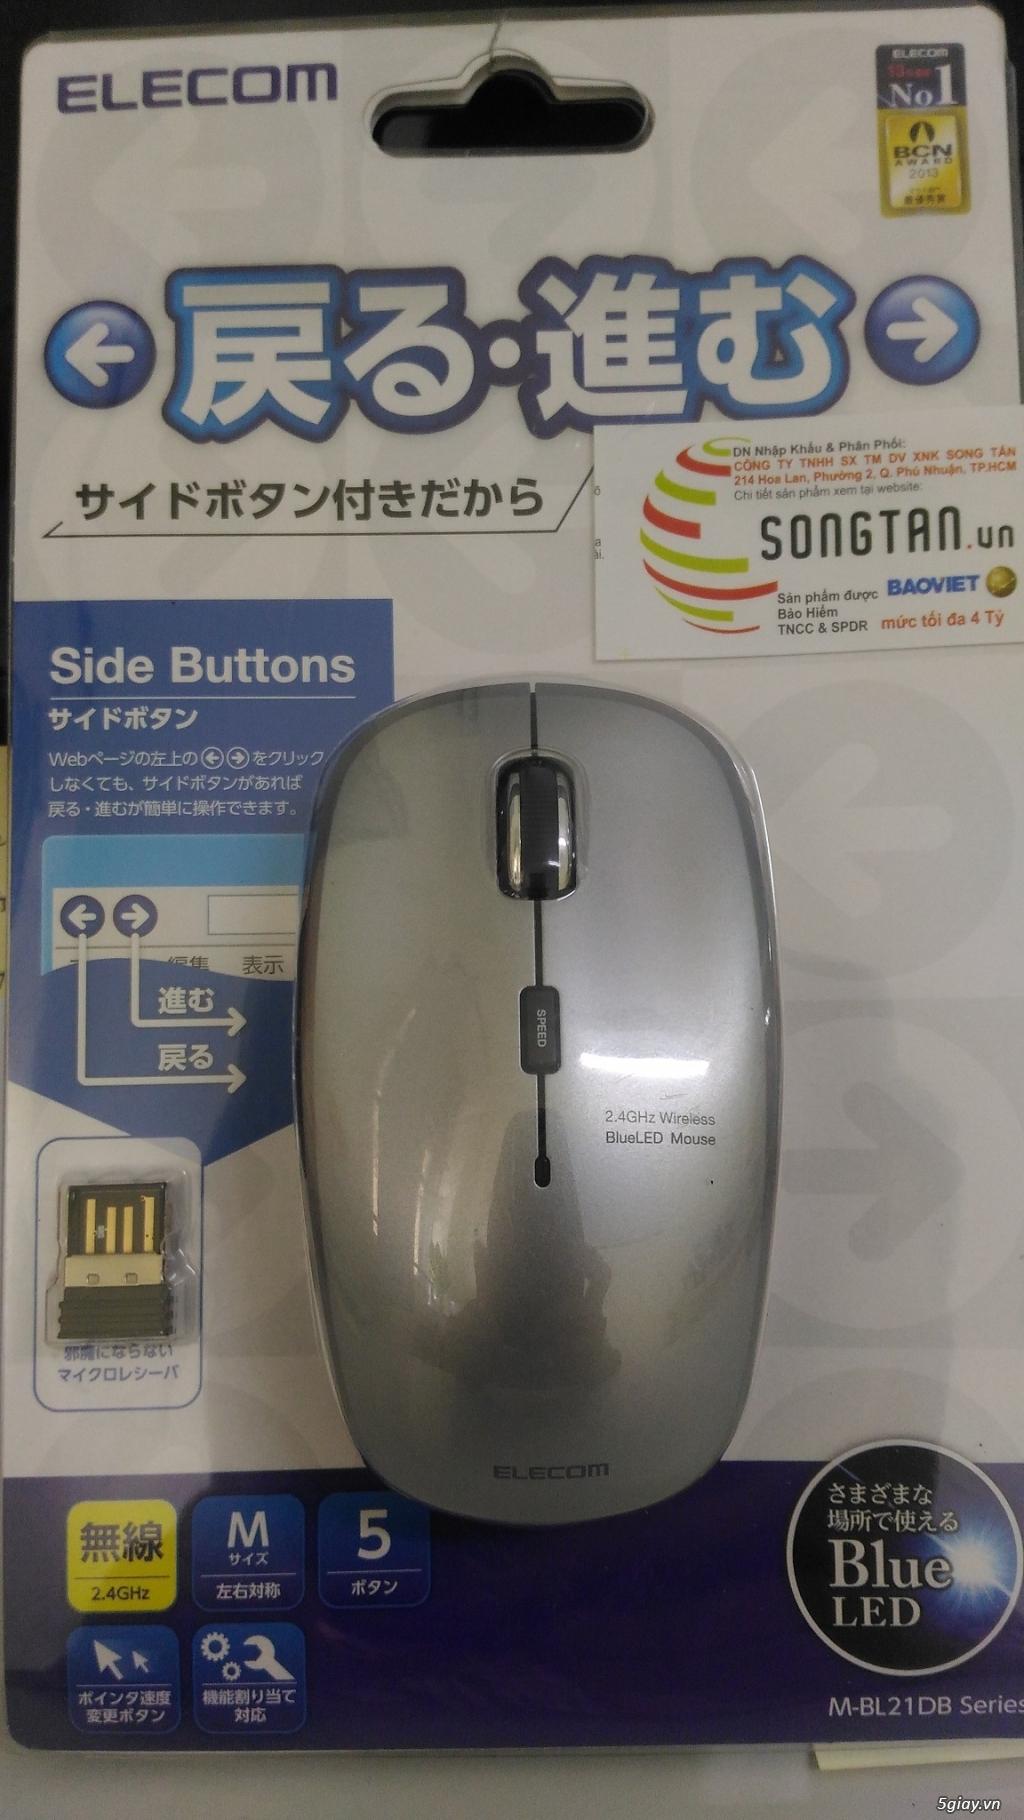 Chuột không dây Blue Led - thương hiệu nhật Elecom - 1